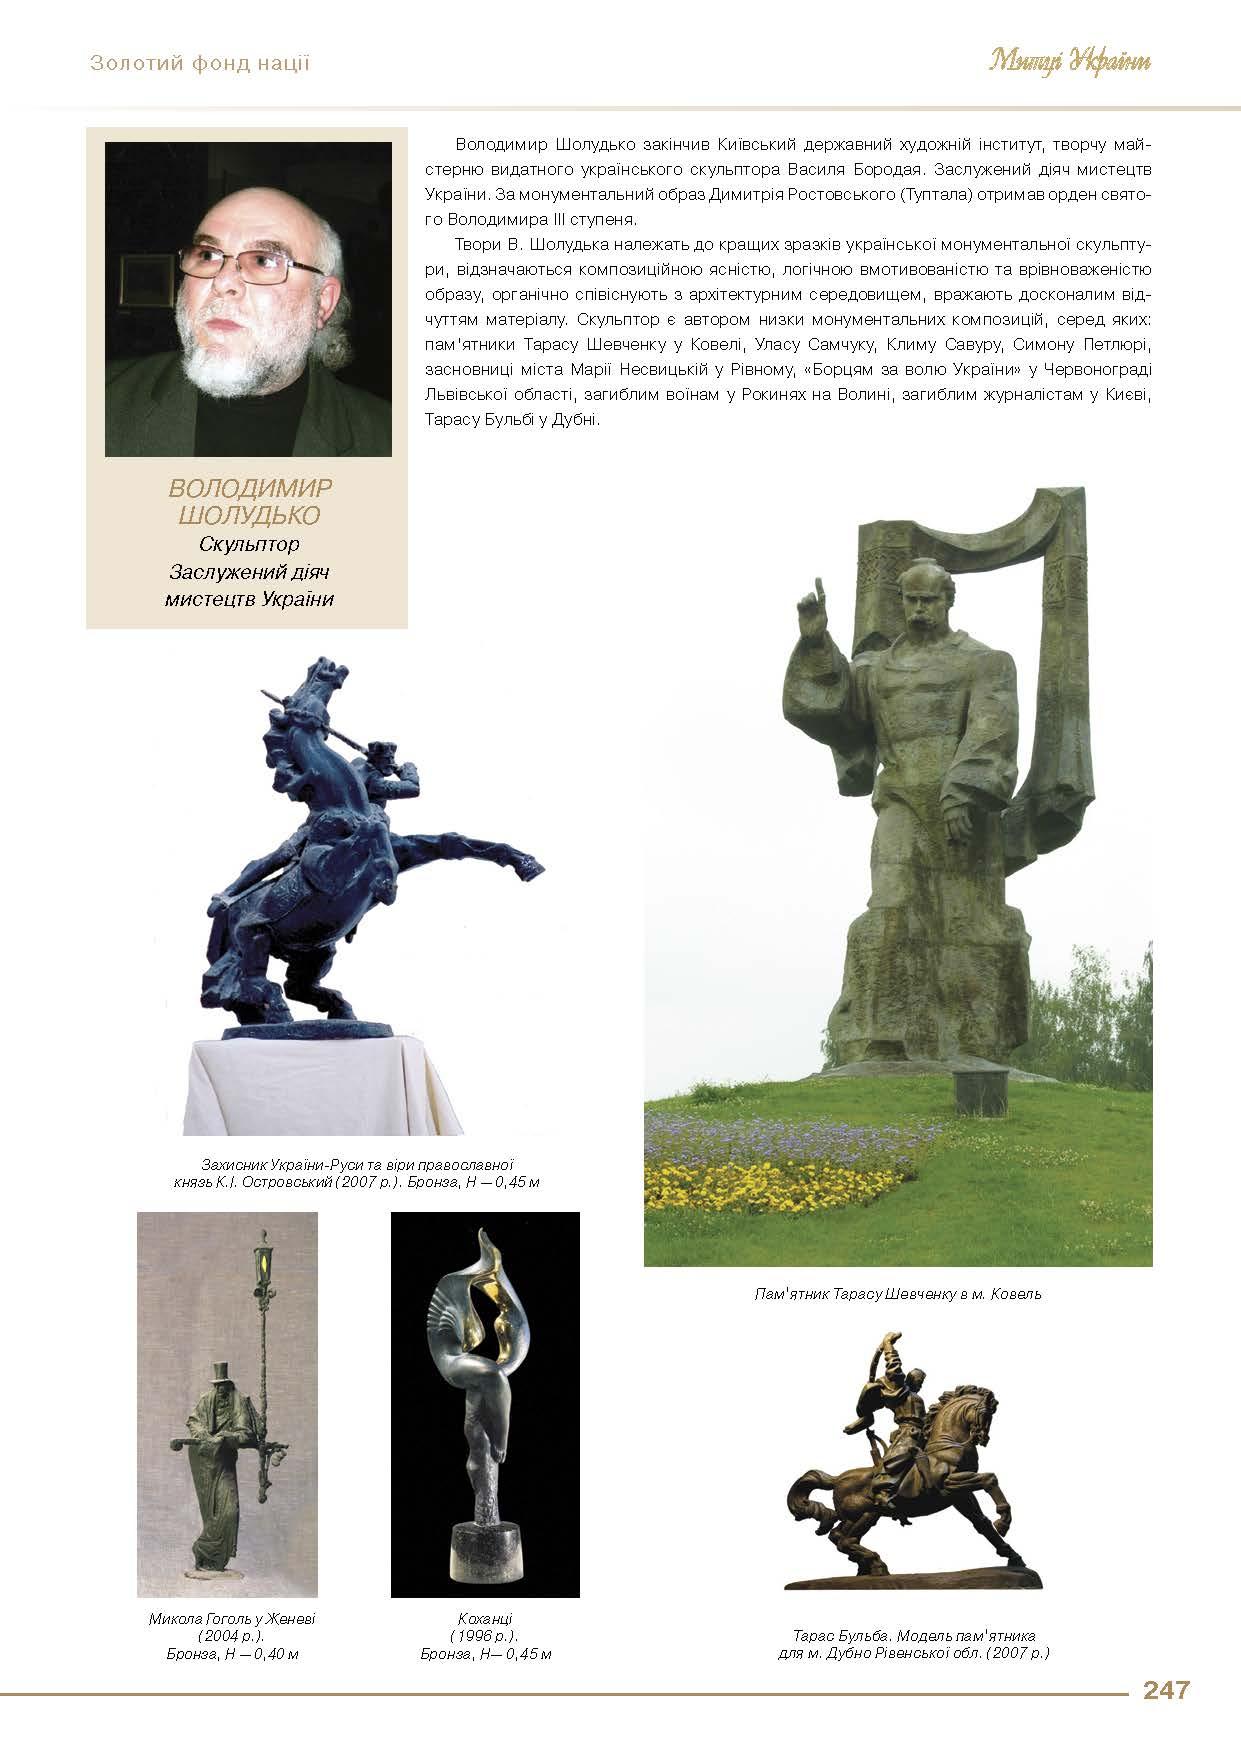 Володимир Шолудько